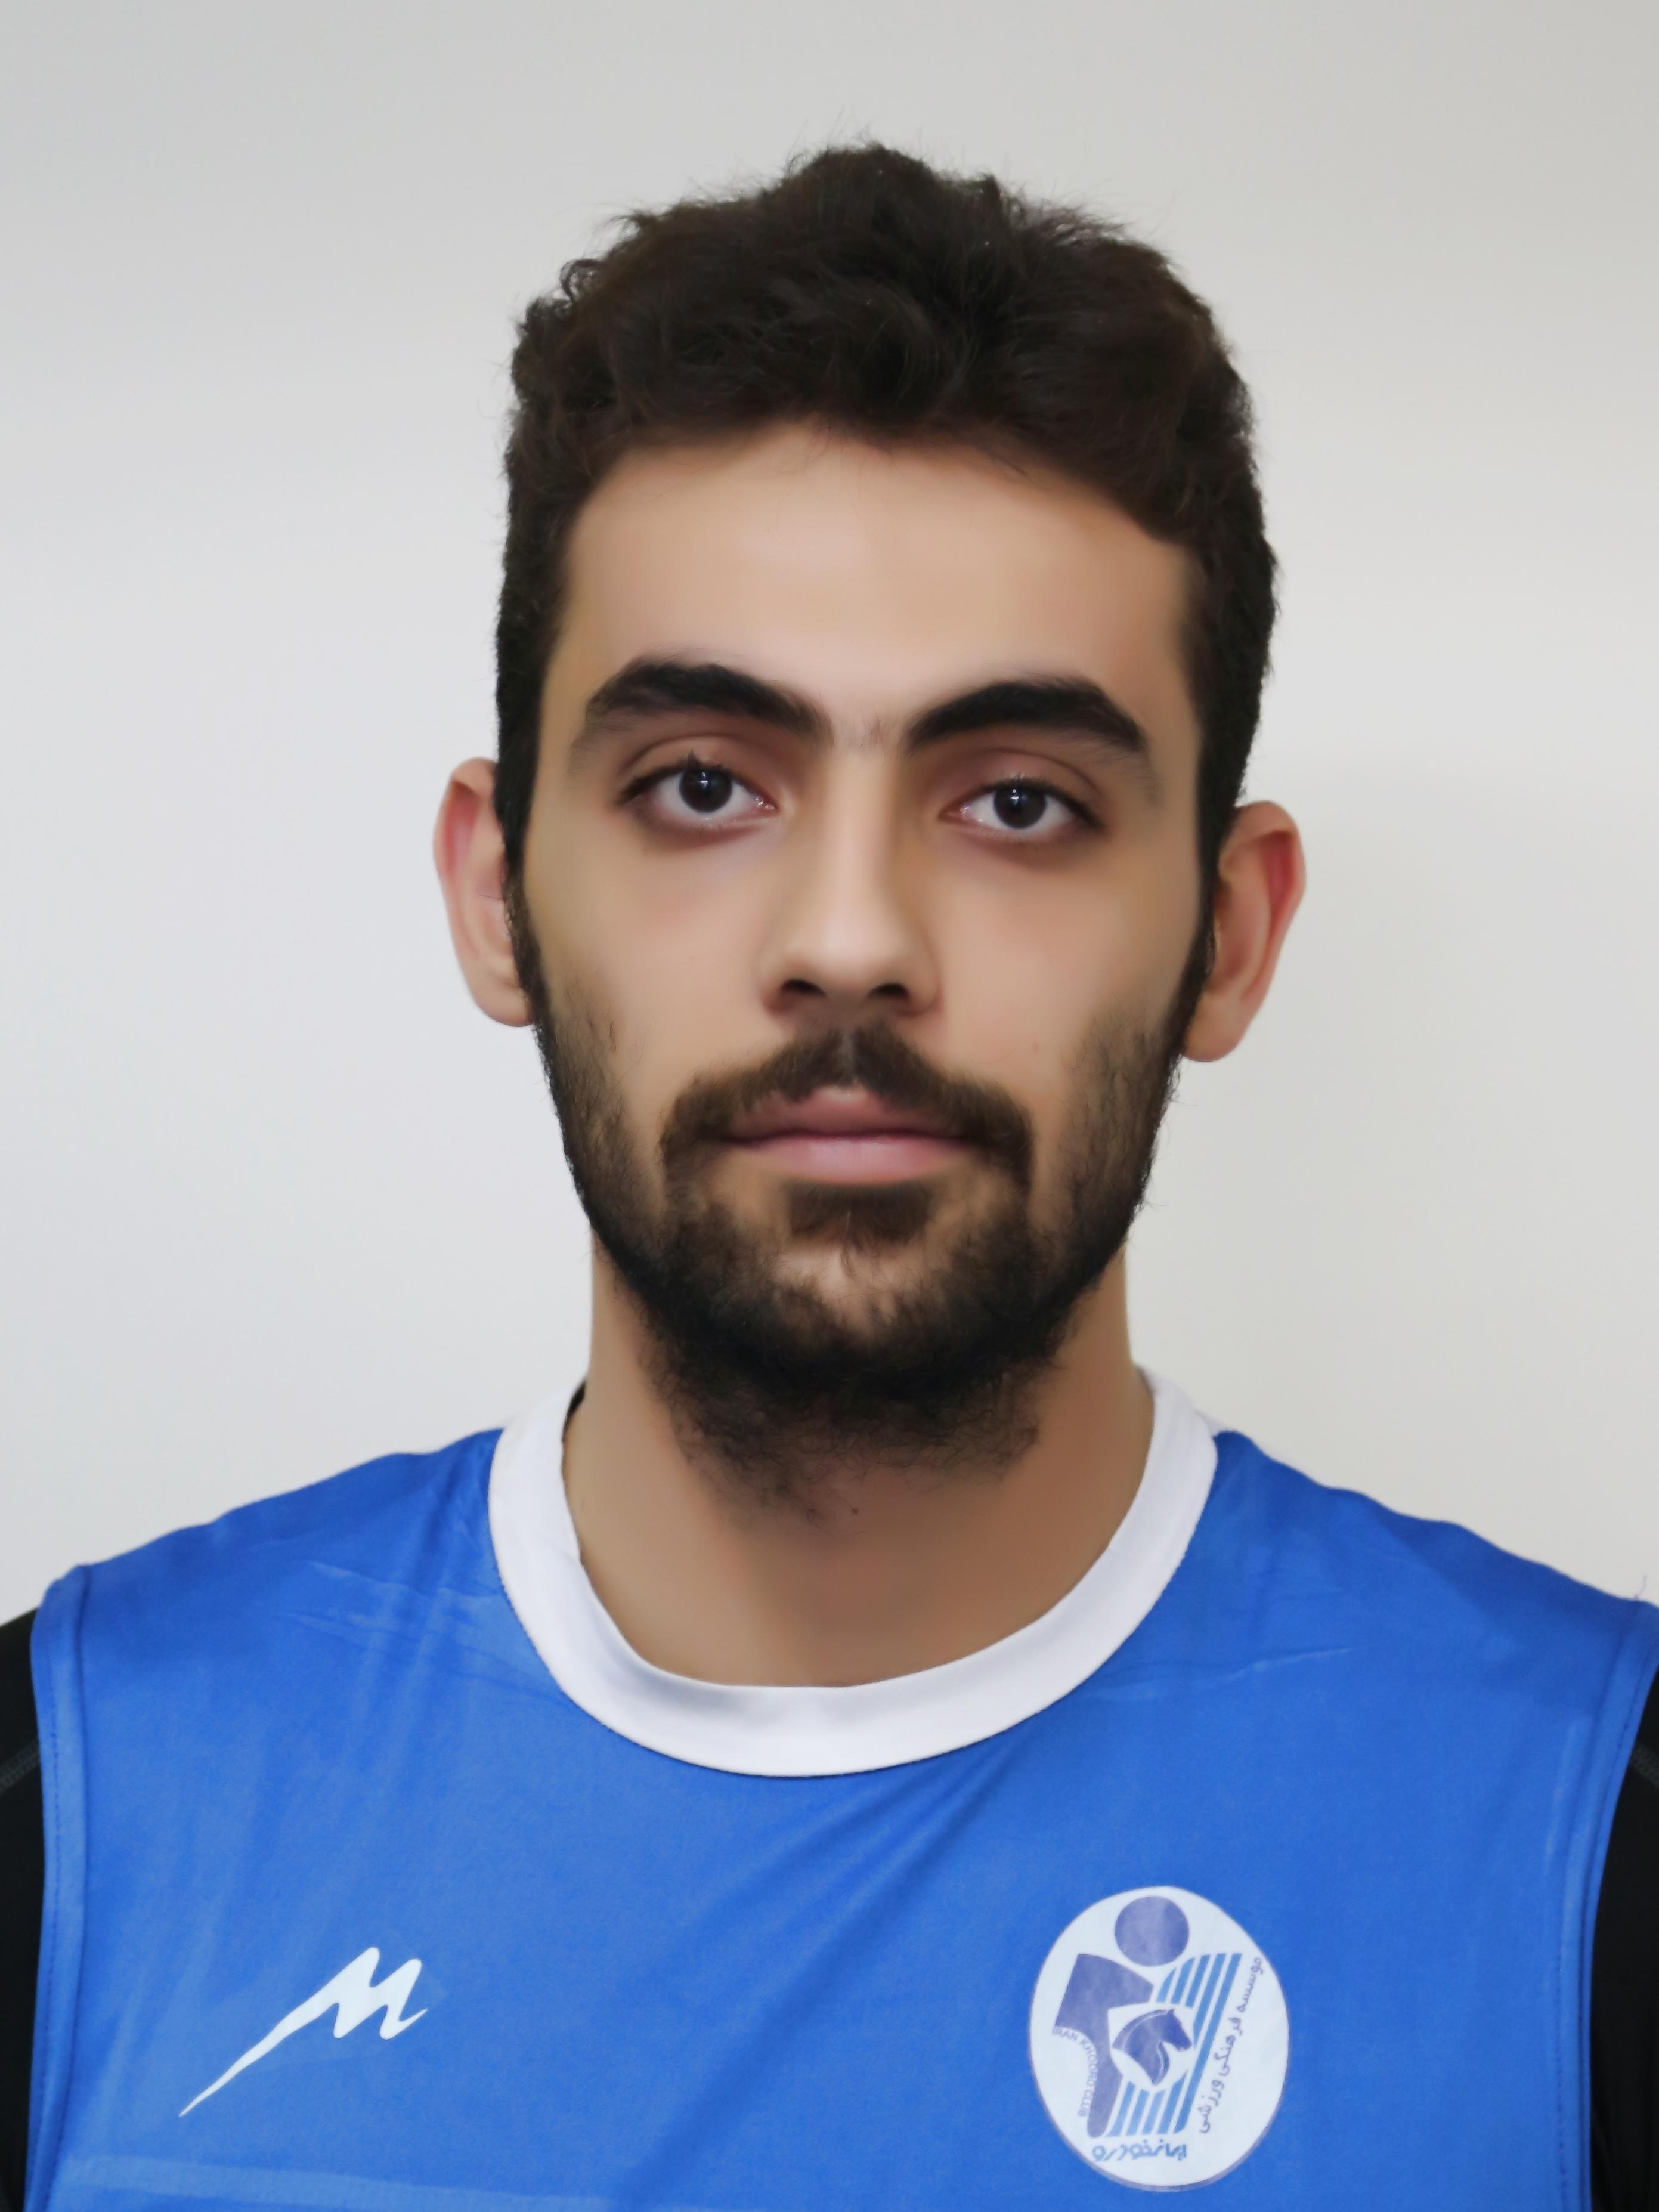 Saman Faezi